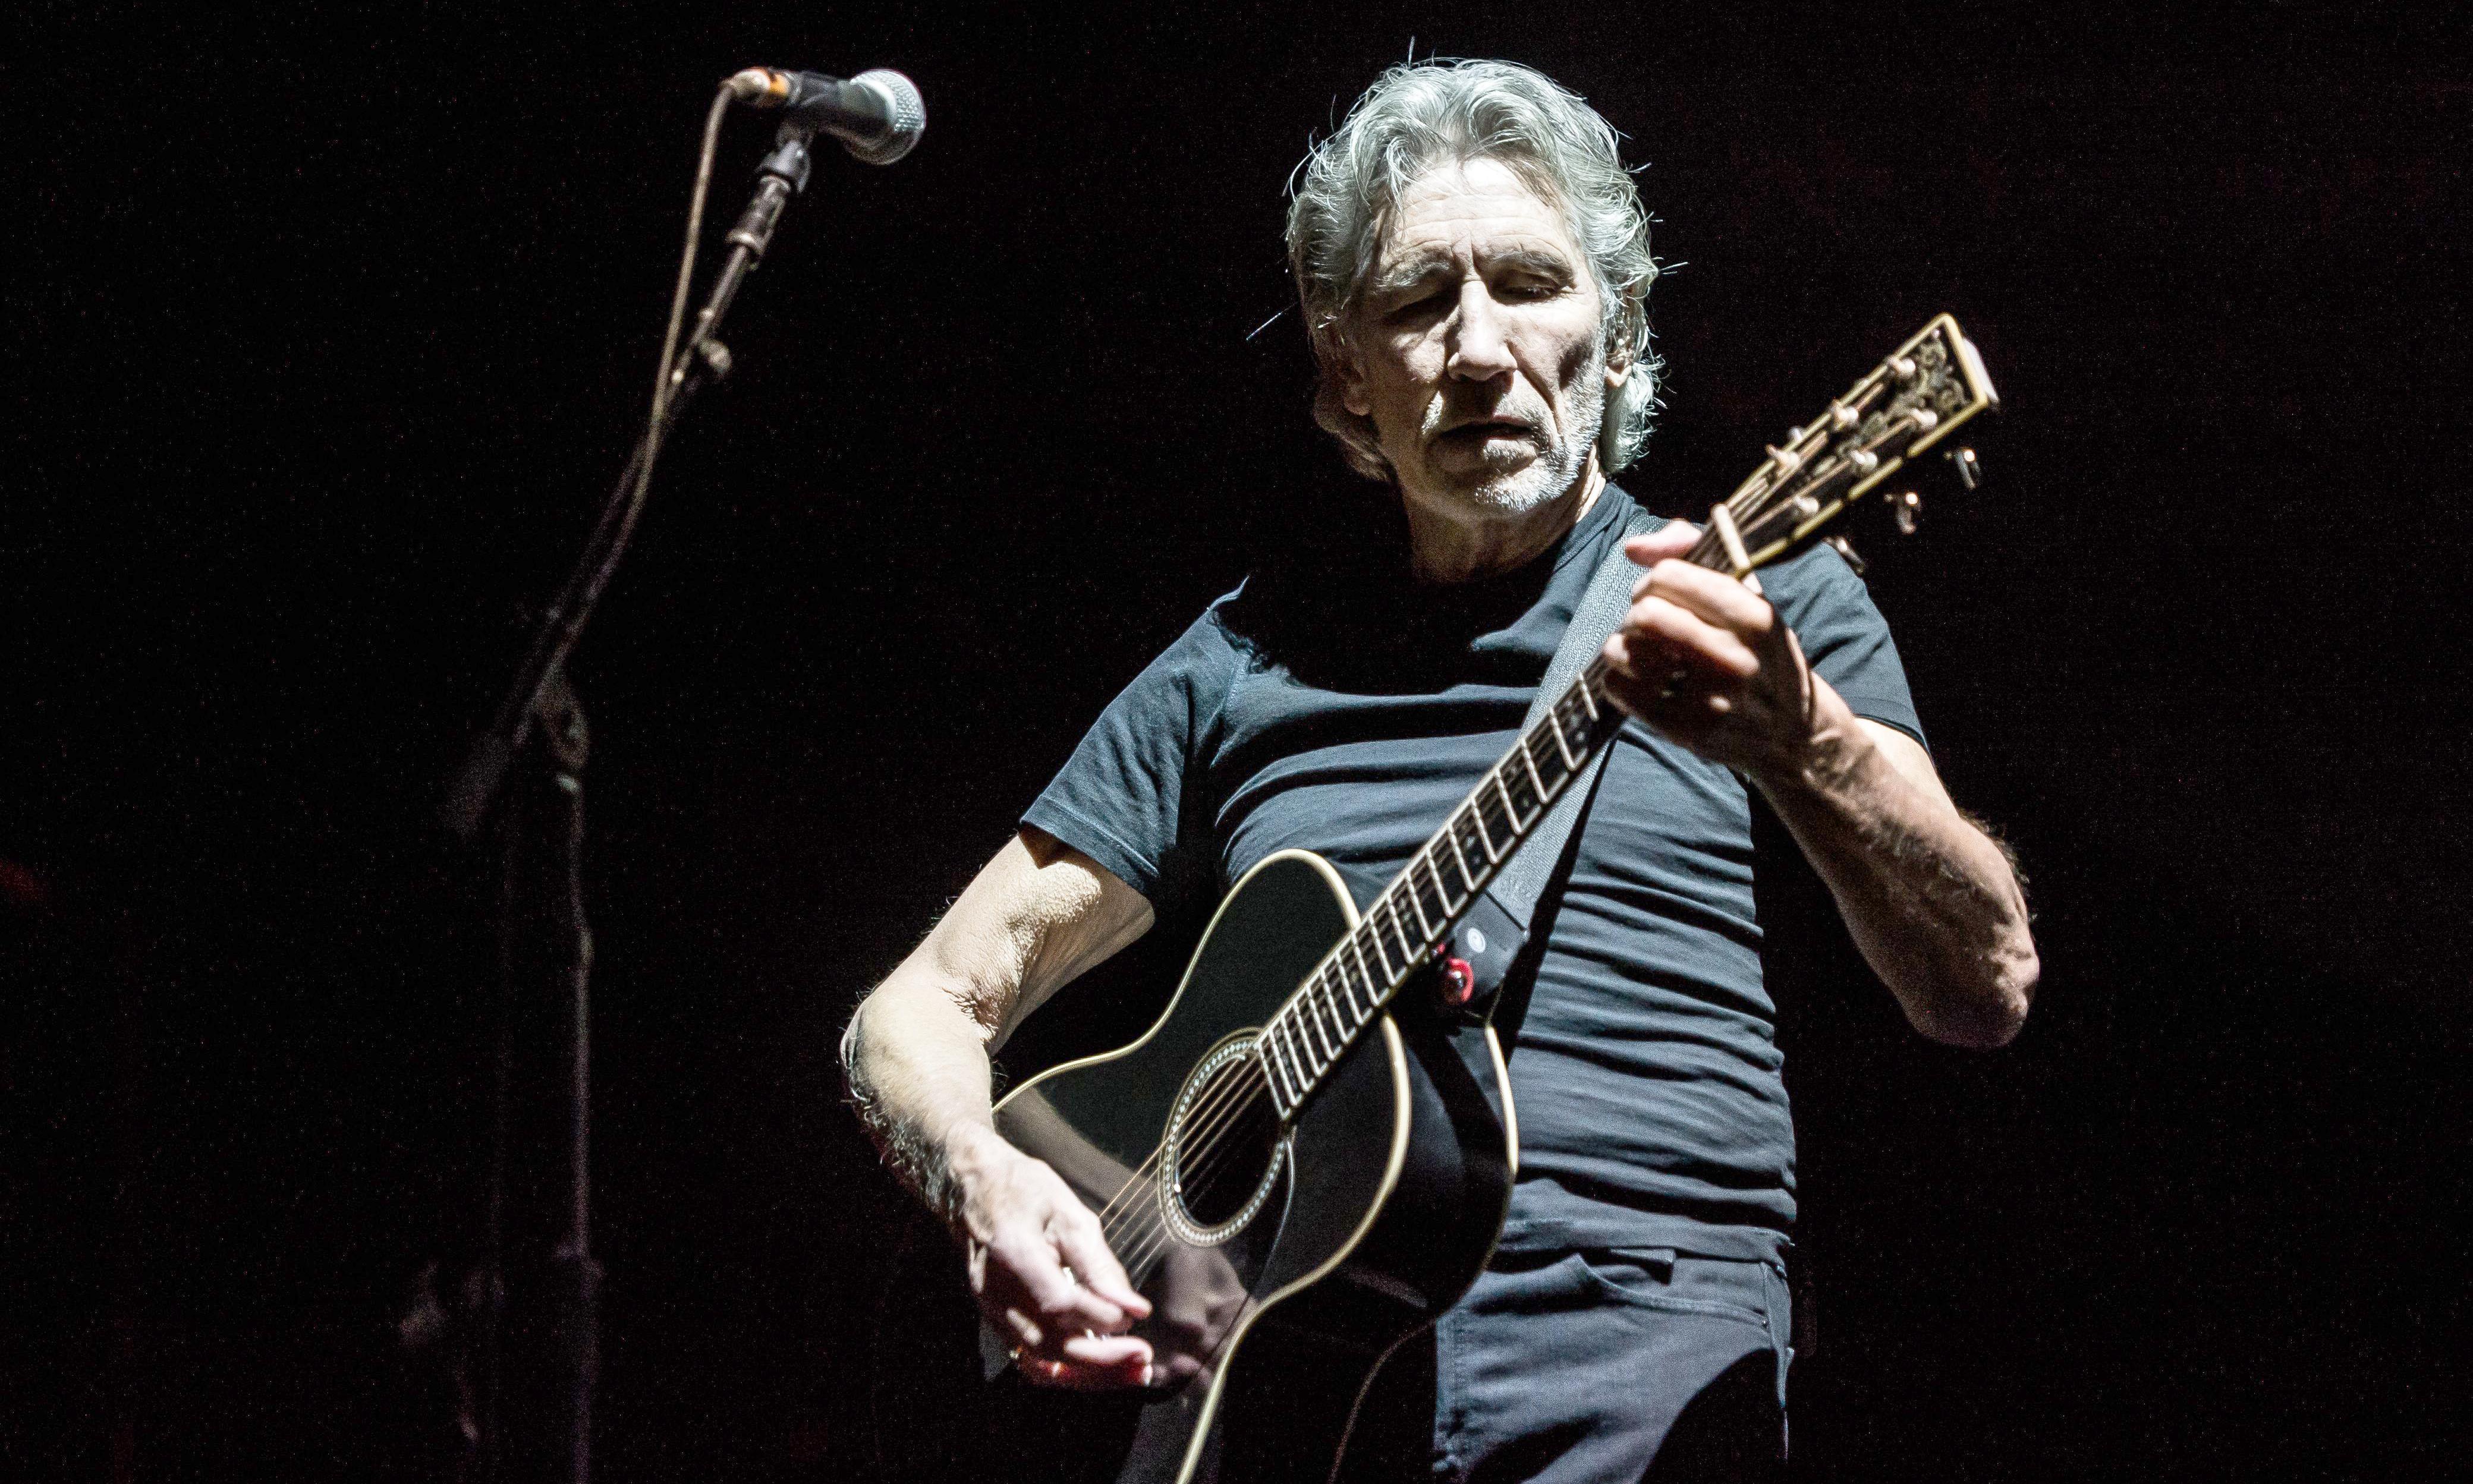 Roger Waters is too simplistic on Israel